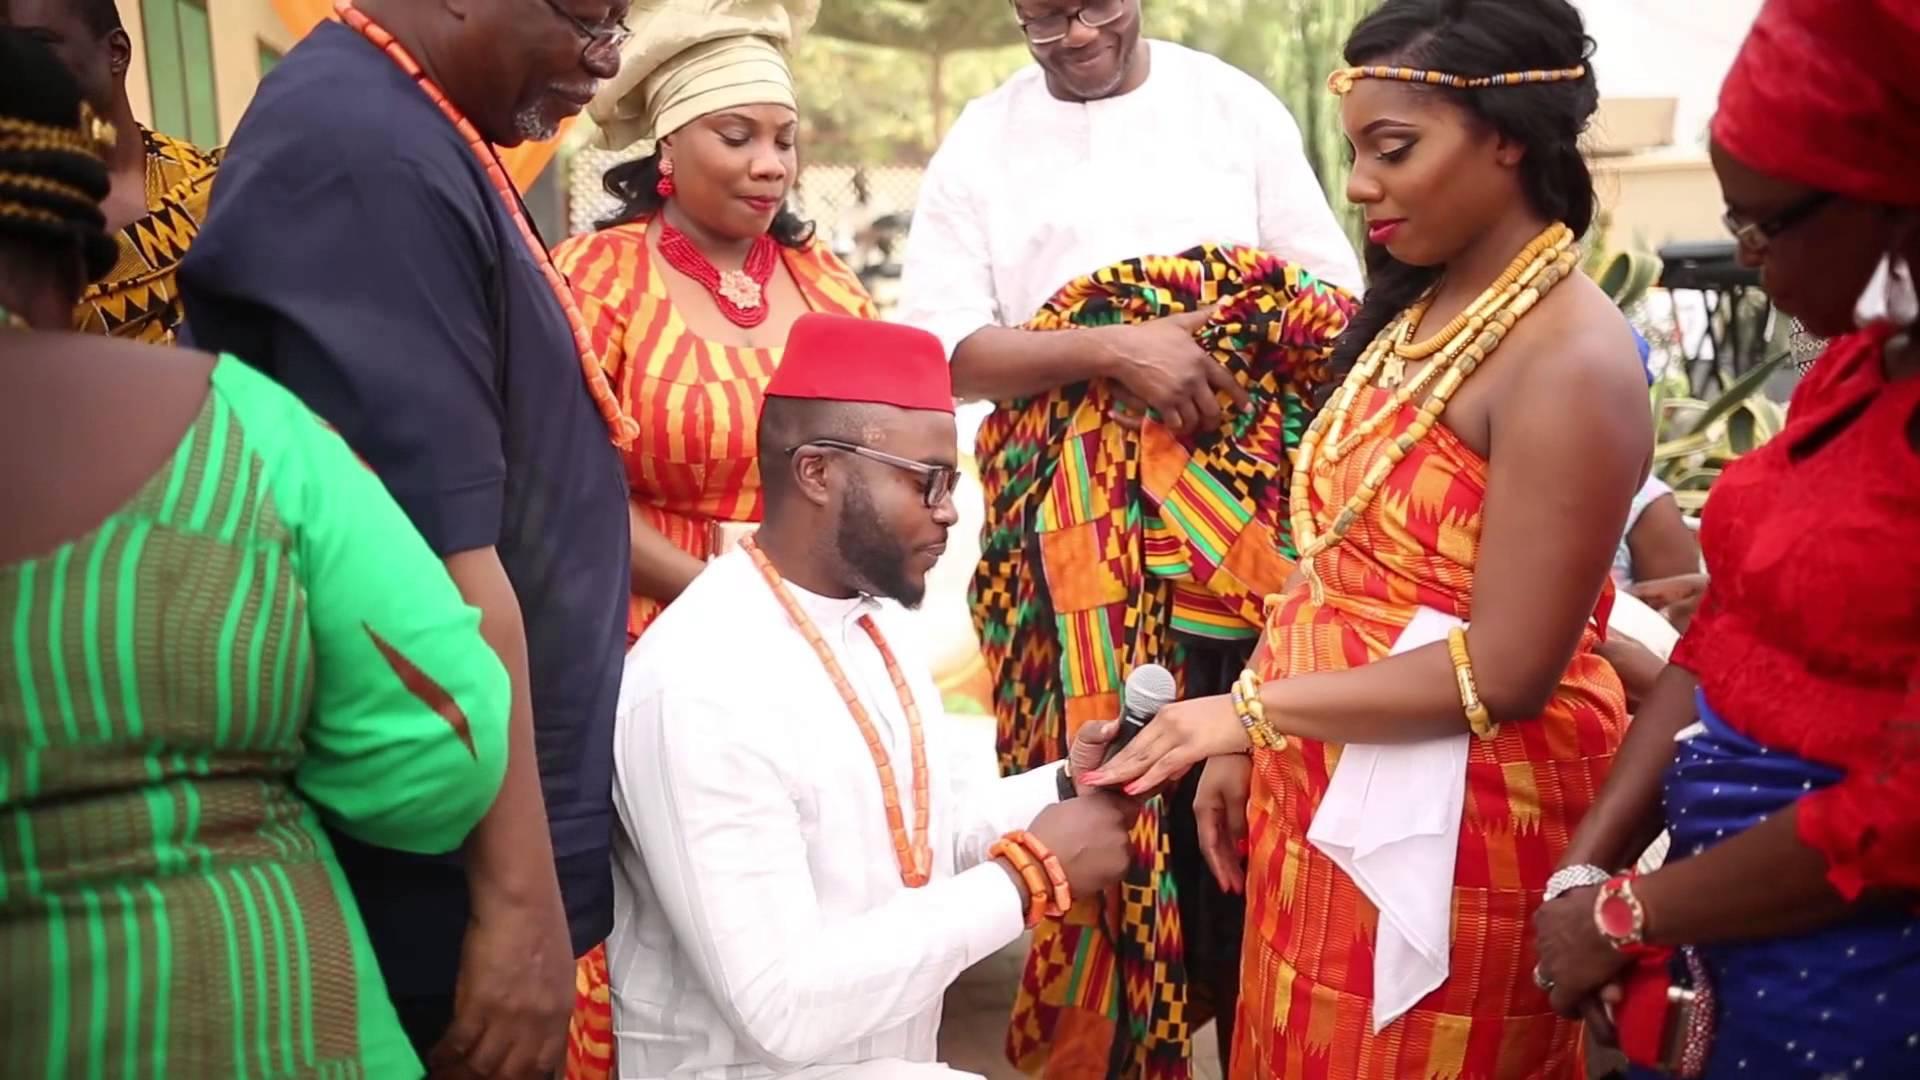 Igbo wedding